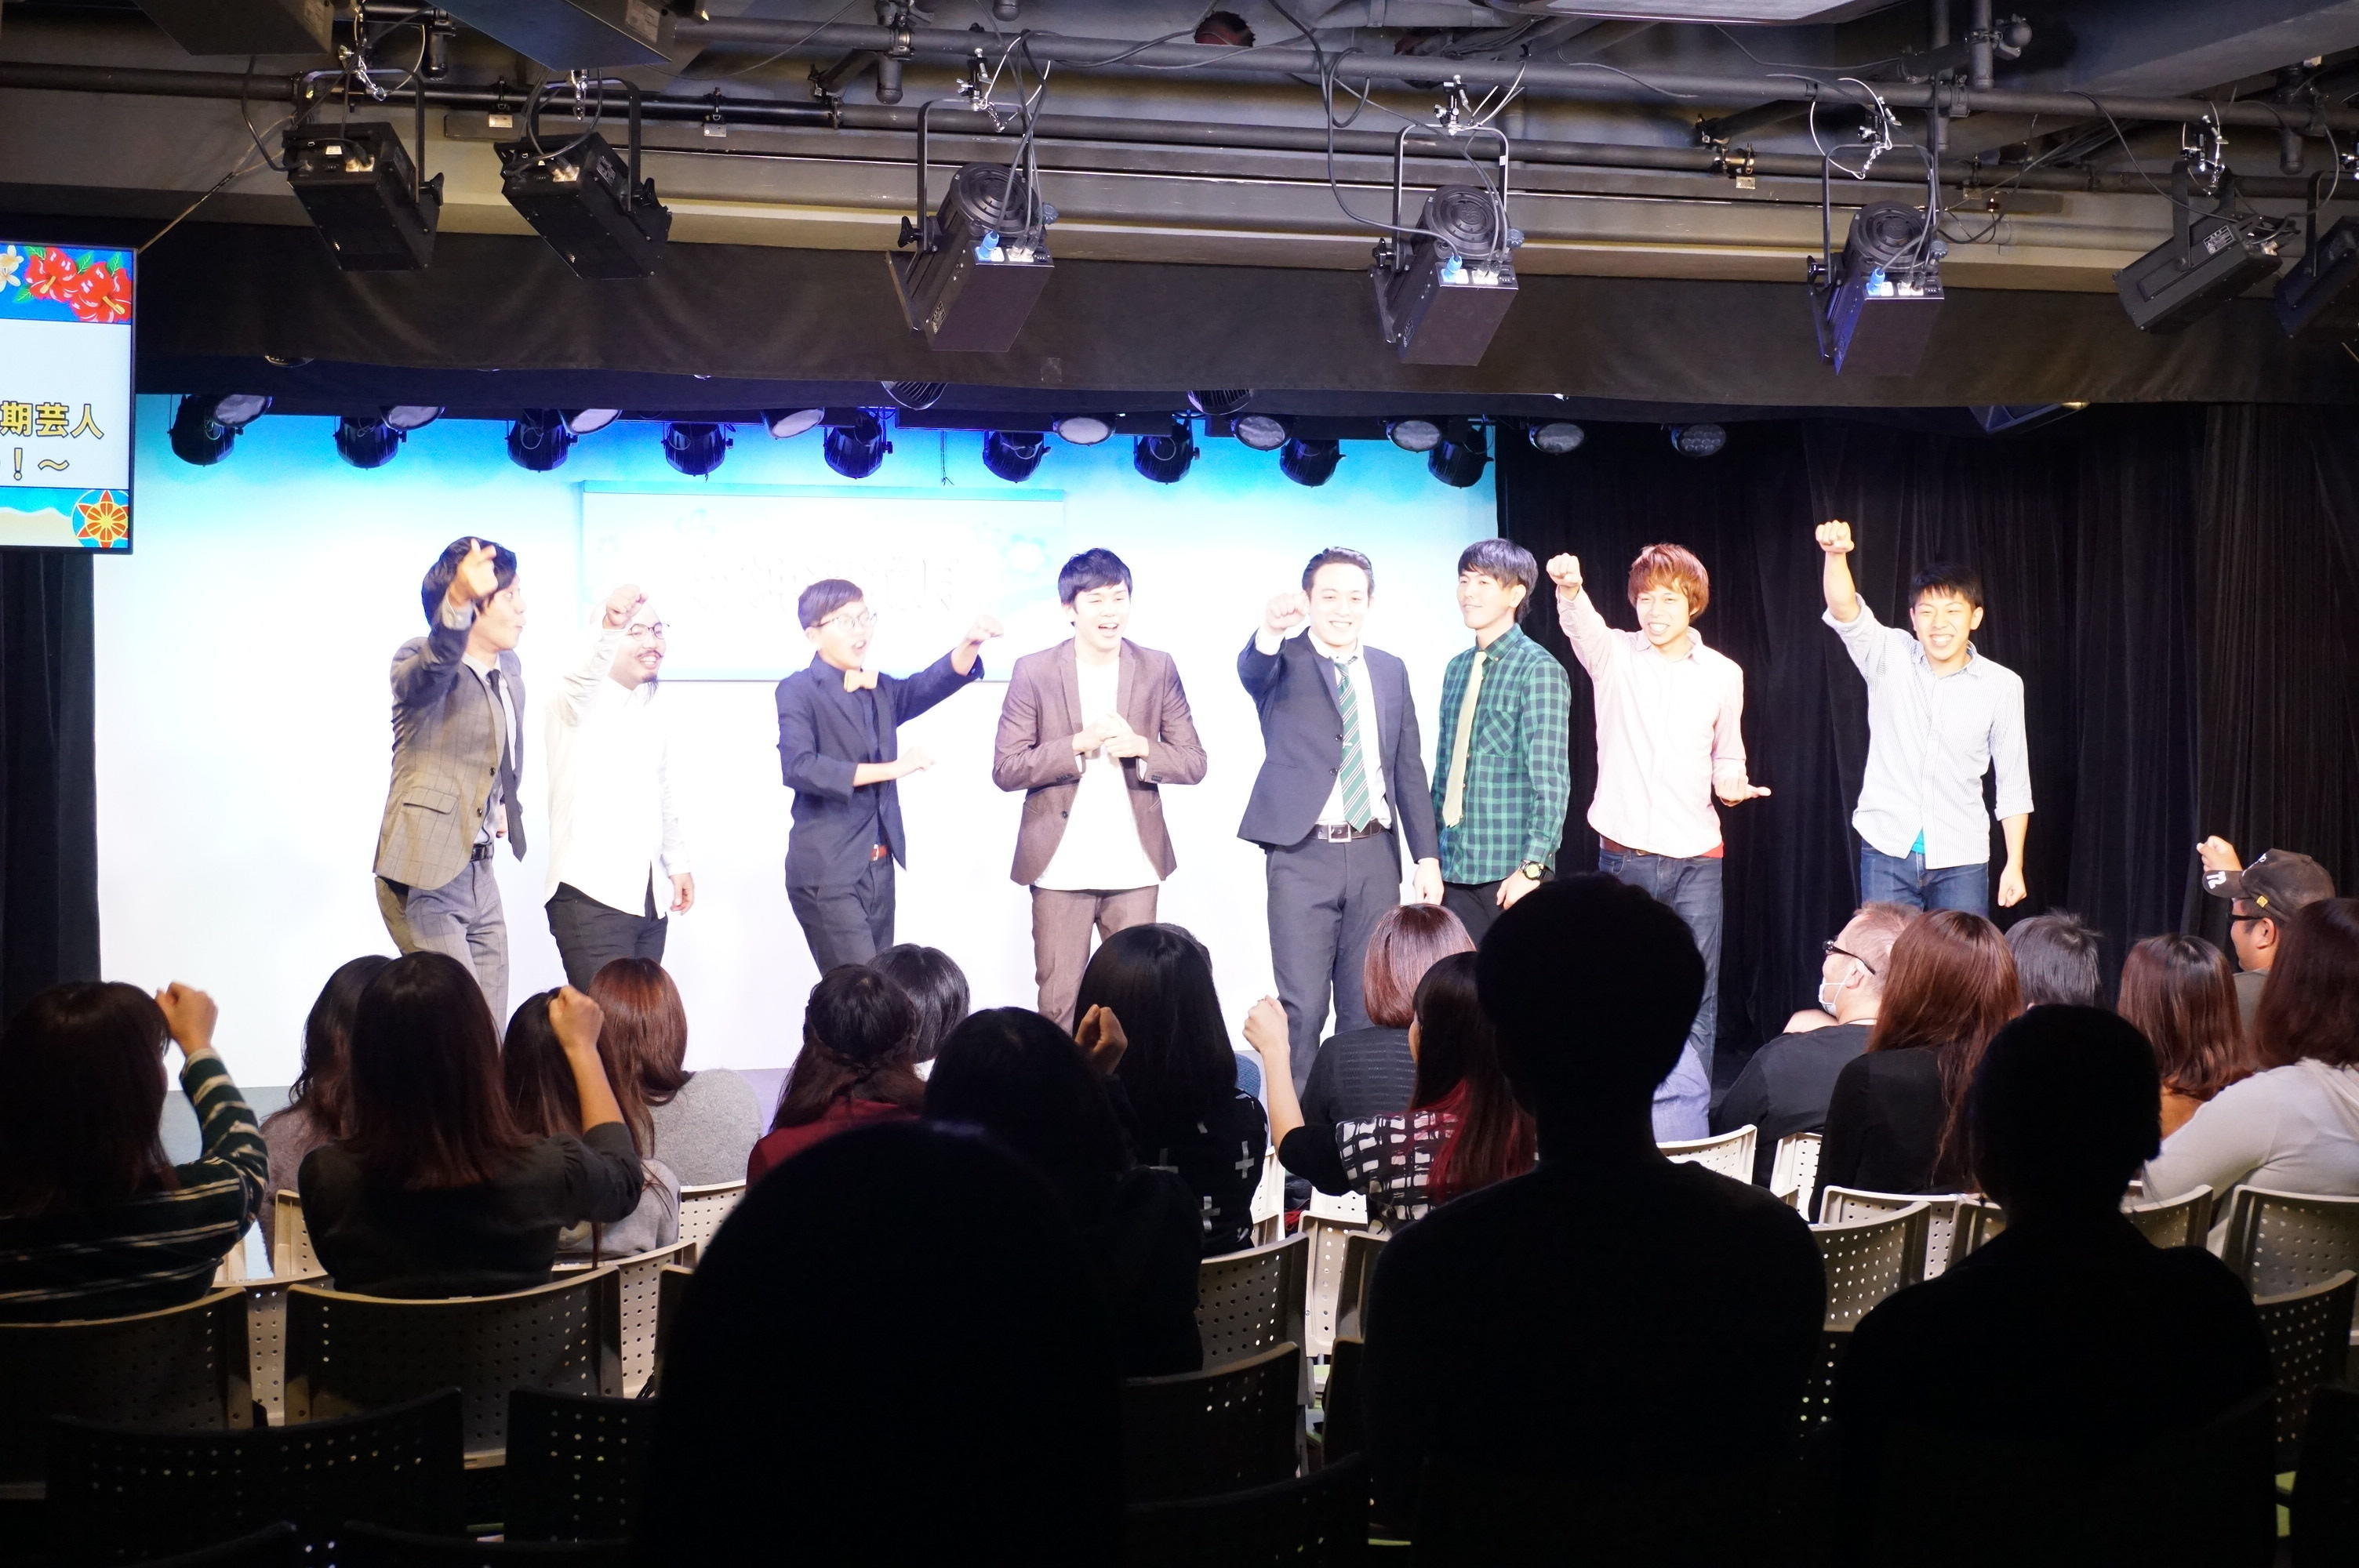 http://news.yoshimoto.co.jp/20171121163857-1ddc6bb04e8ffd3170de8025d6b8324a3289222c.jpg